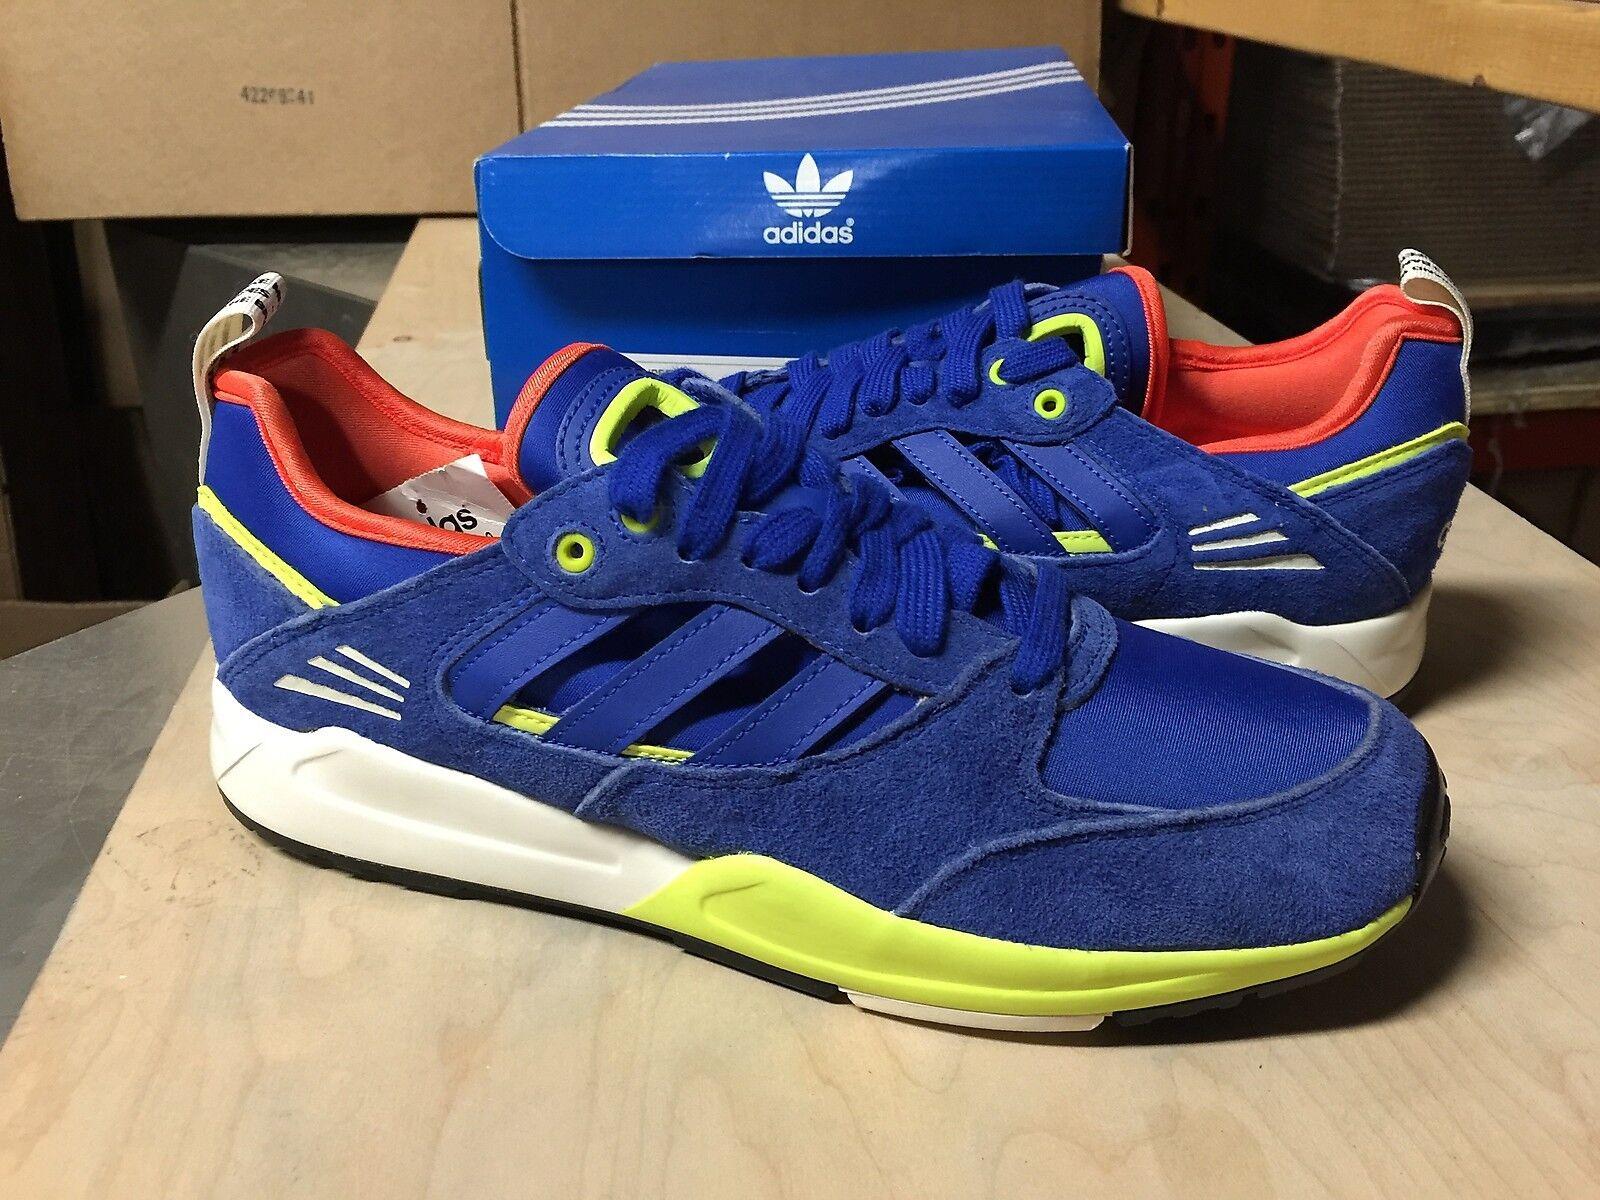 Adidas Originals Tech Super 2.0 Blue Orange Runner zx flux Men D67338